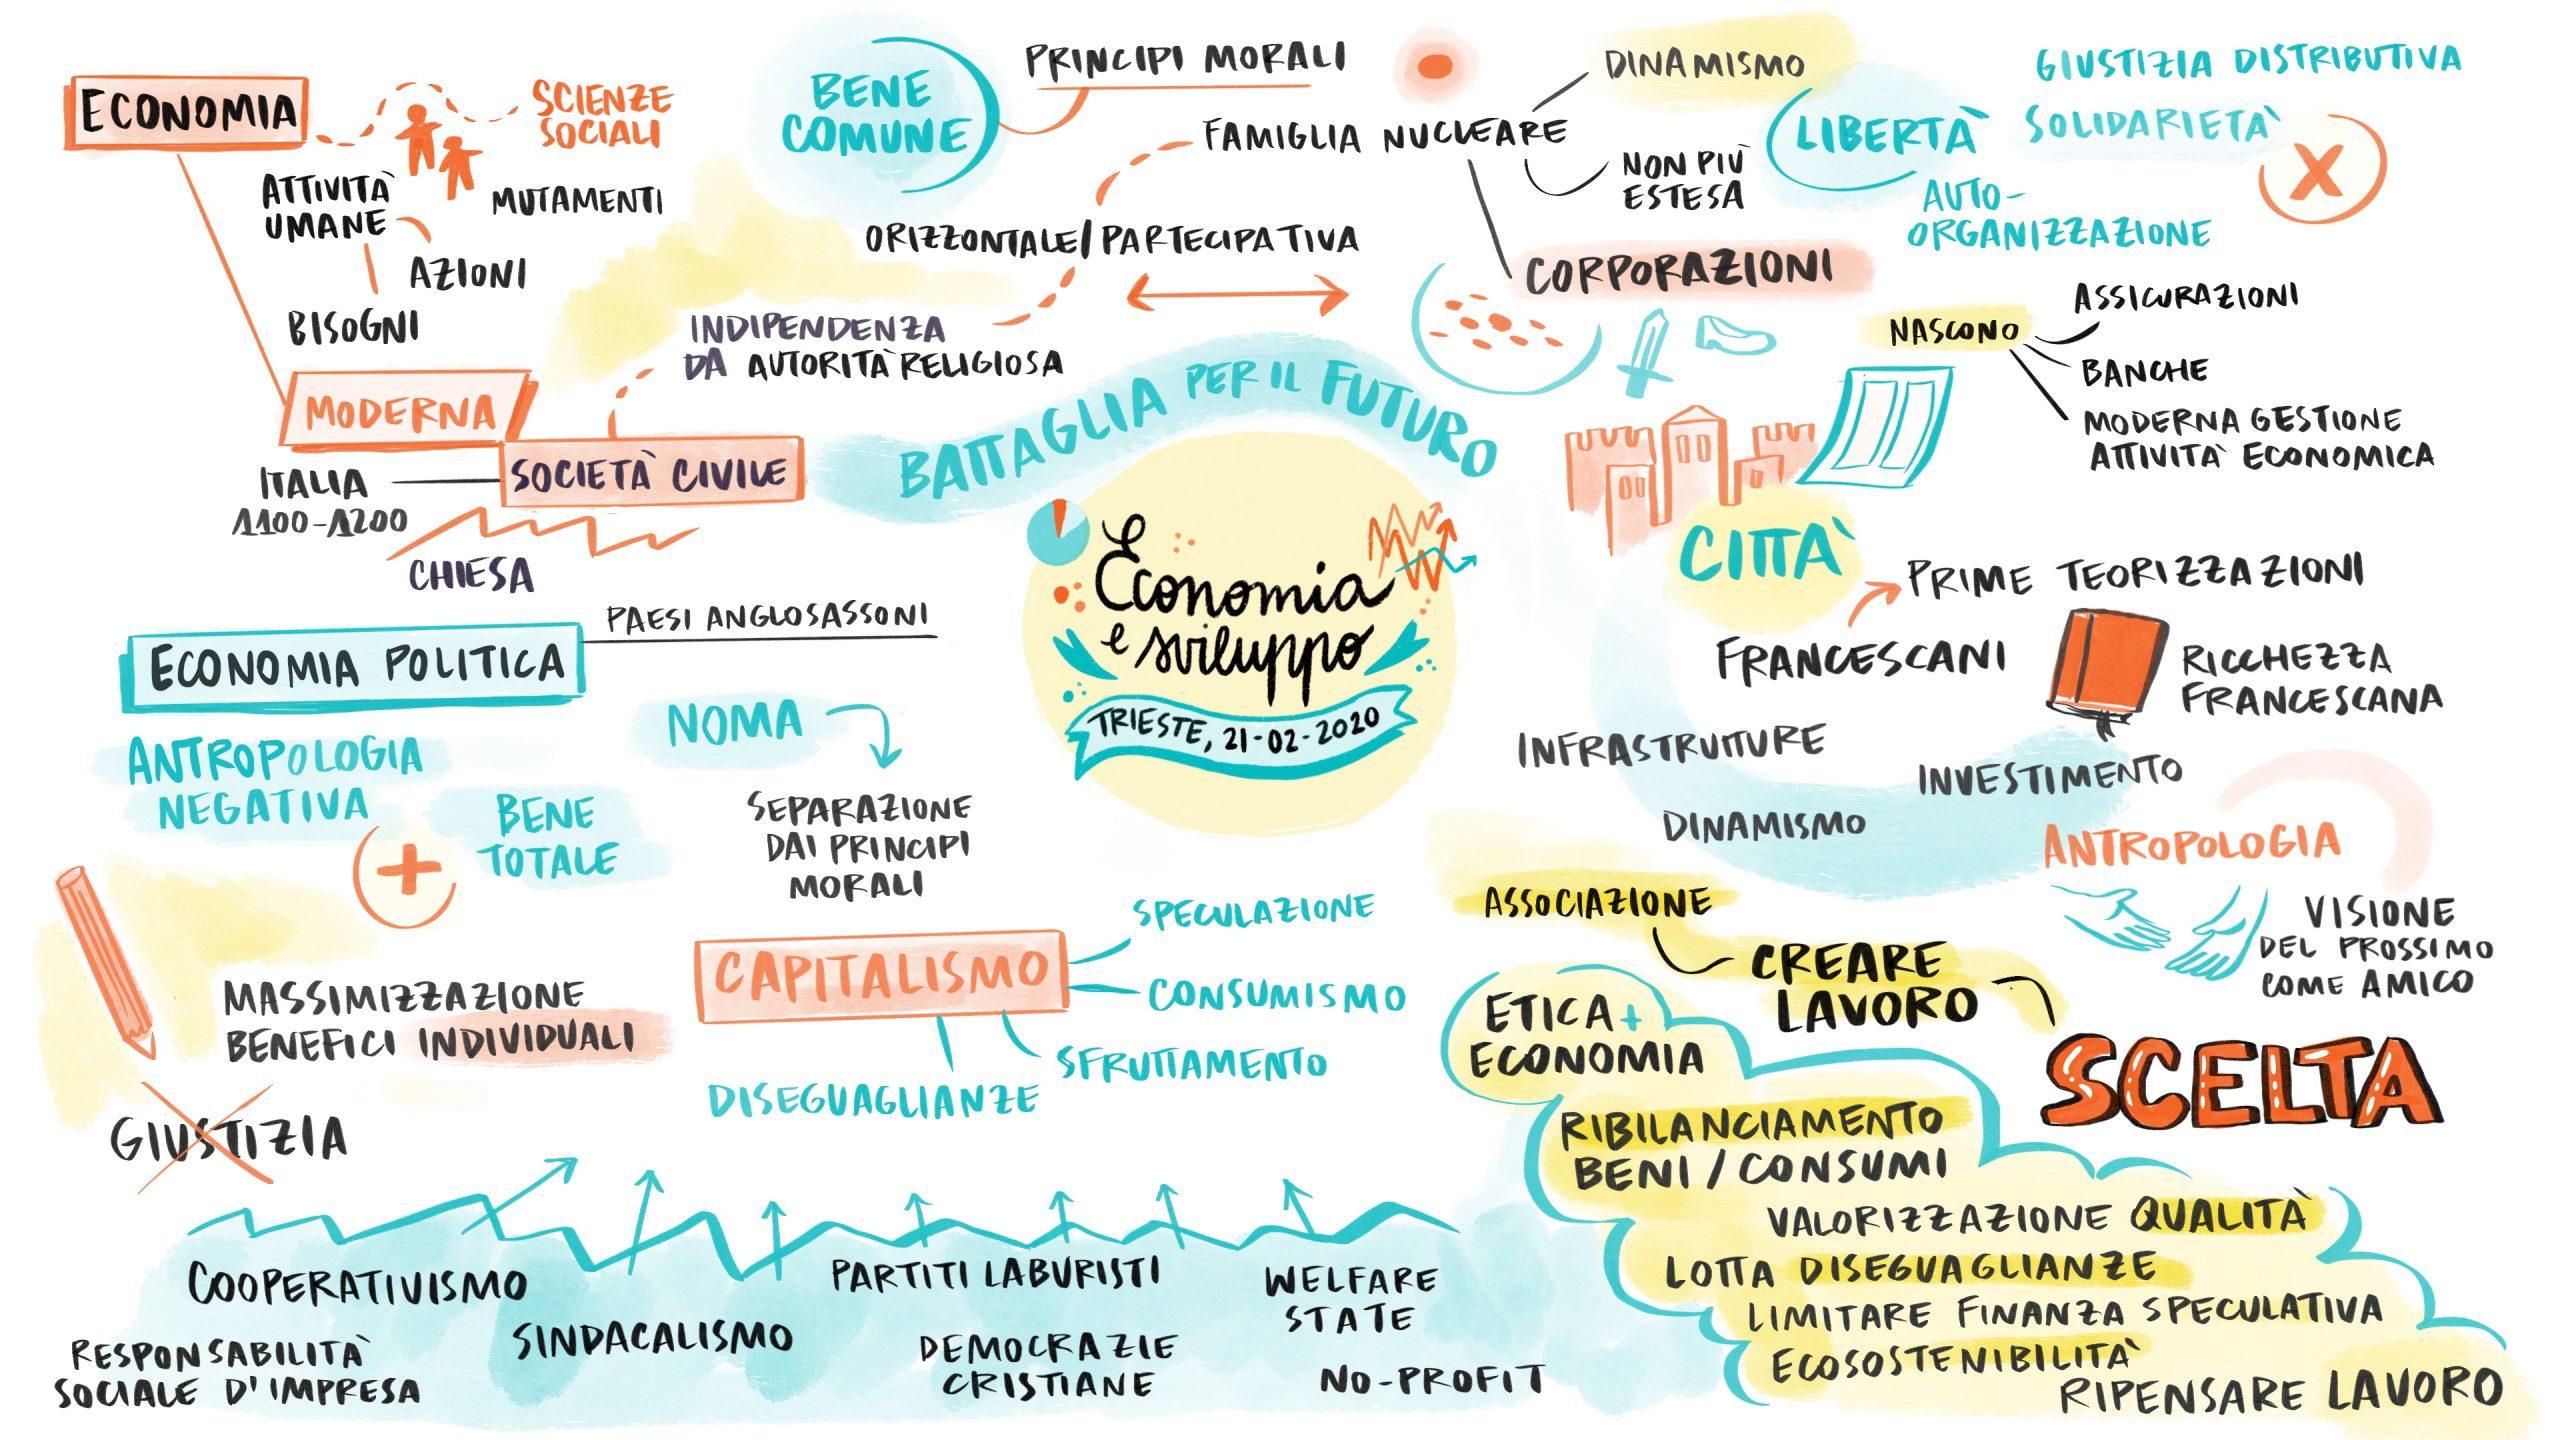 Economia e sviluppo